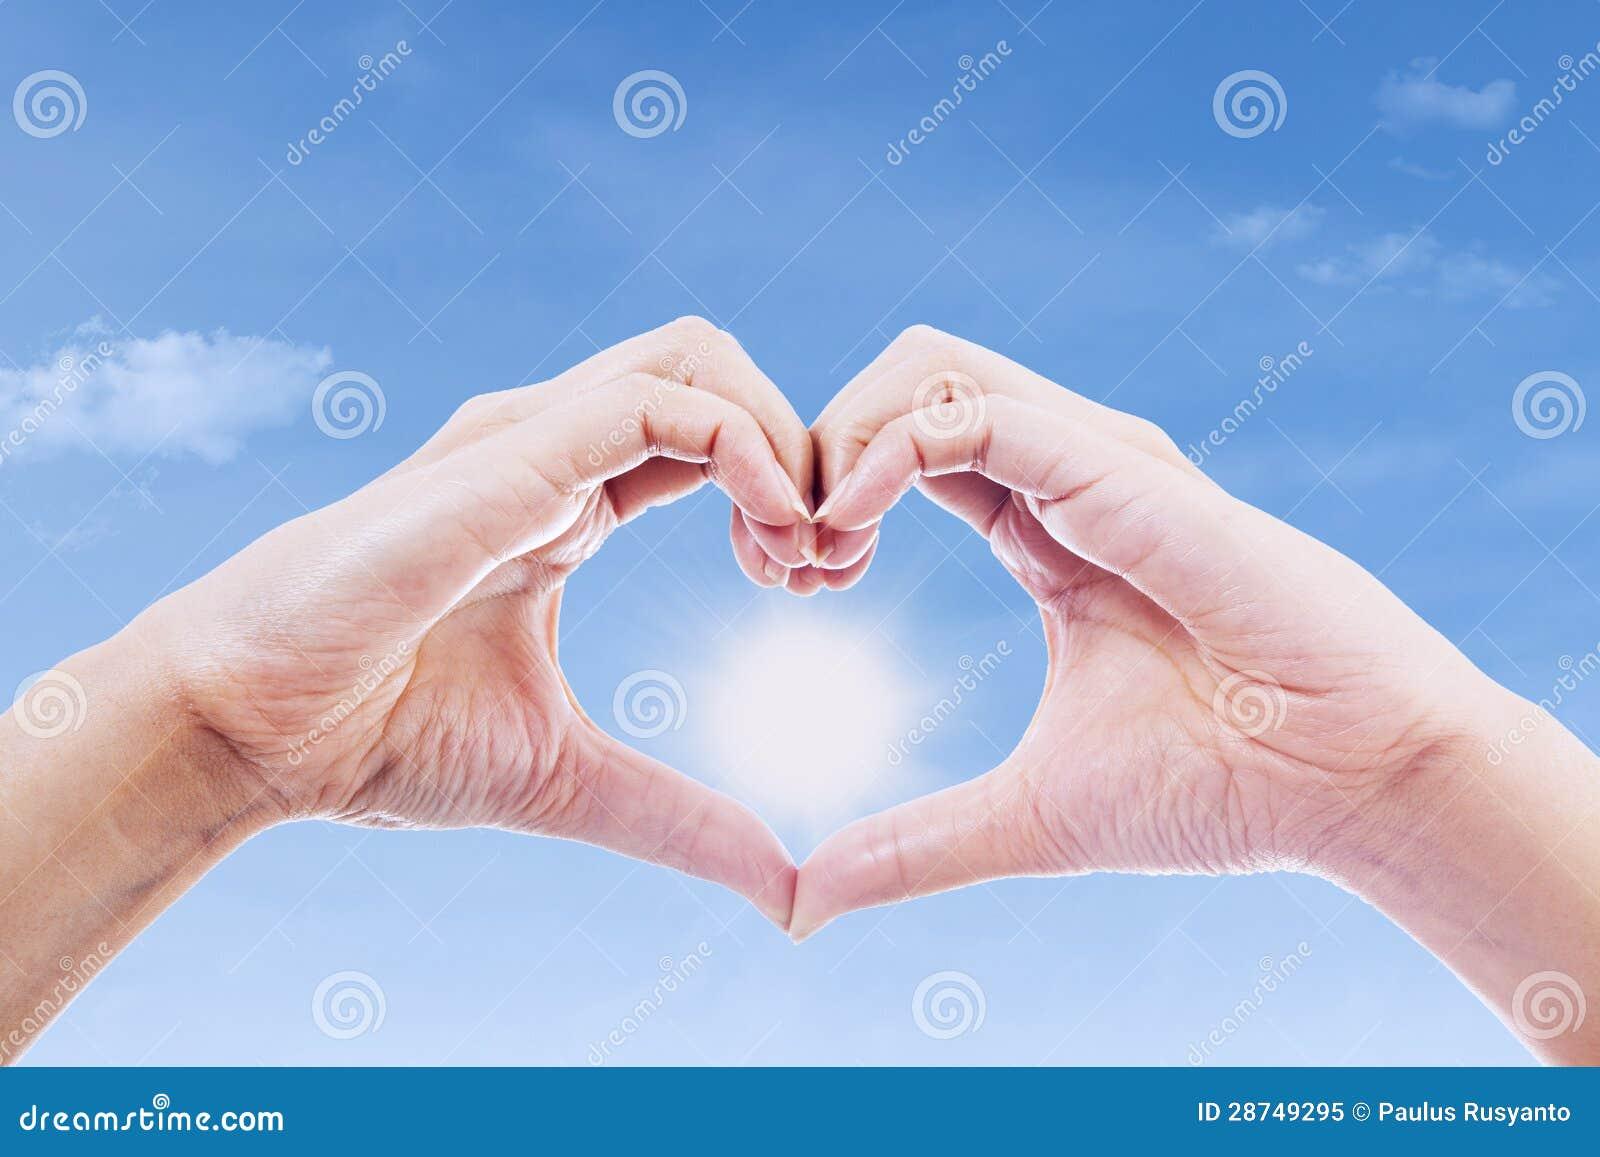 Handzeichen Der Liebe Und Der Sonne Stockbild - Bild von